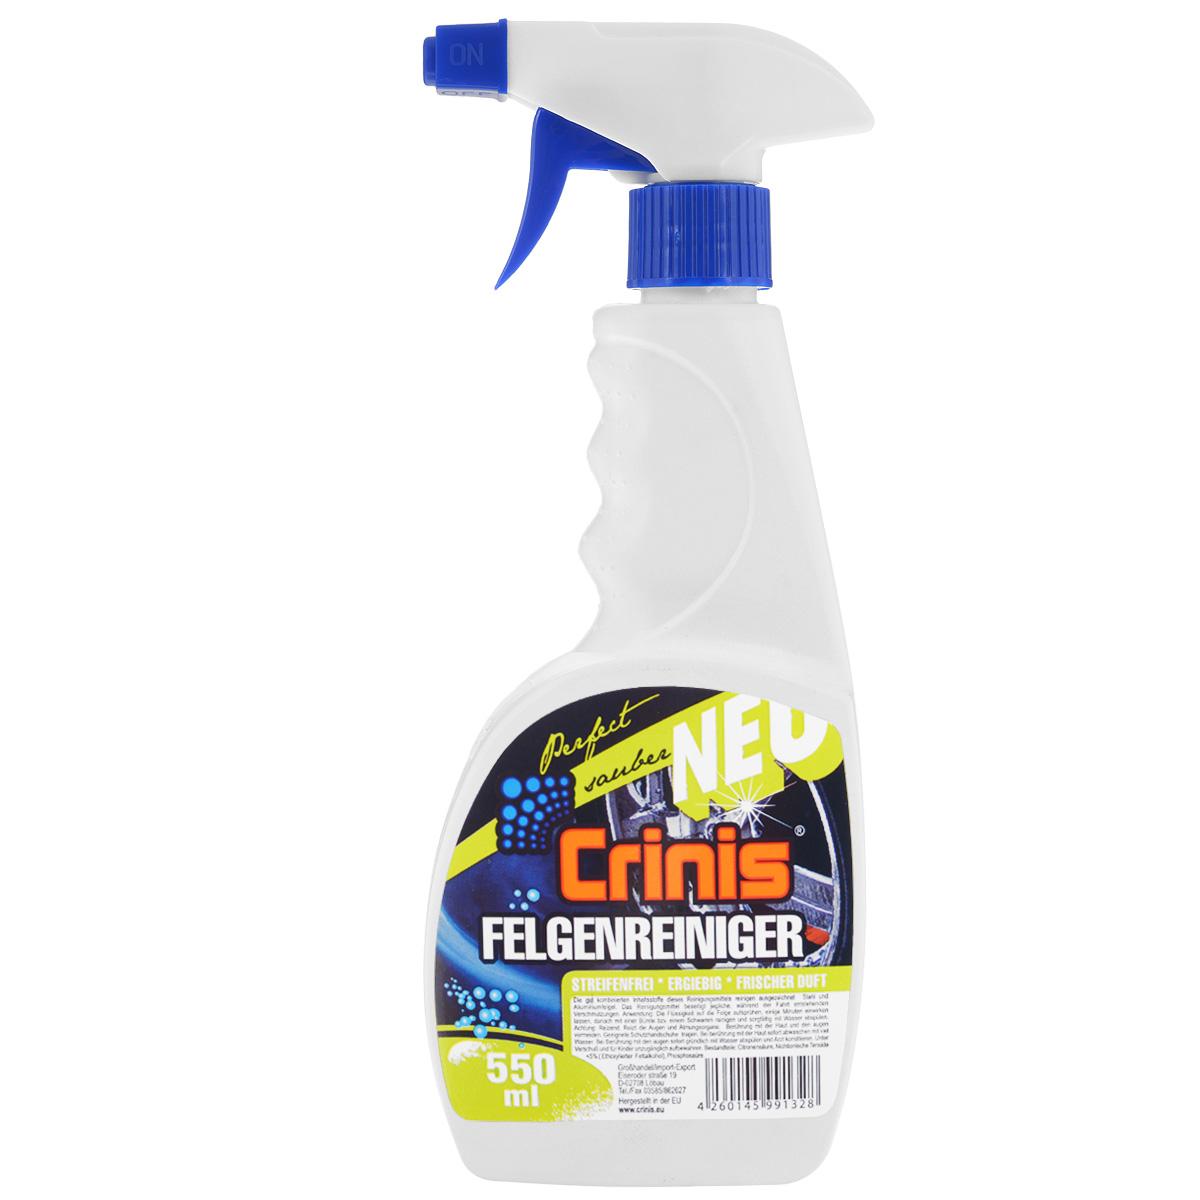 Средство для очистки колес Crinis Felgenreiniger, 550 млAFEL0550Средство Crinis Felgenreiniger предназначено для очистки колес и дисков. Быстро и эффективно удаляет на тормозных колодках налет, масло, грязь дорог, в это же время придаёт блеск. Продукт не загрязняет окружающую среду, характеризуется сильным очищающим действием и защитными свойствами. Подходит для всех типов дисков, кроме хромированных, не вредит резиновым и пластмассовым деталям. Состав: неионные ПАВ менее 5%-ой фосфорной кислоты, лимонной кислоты. Товар сертифицирован.